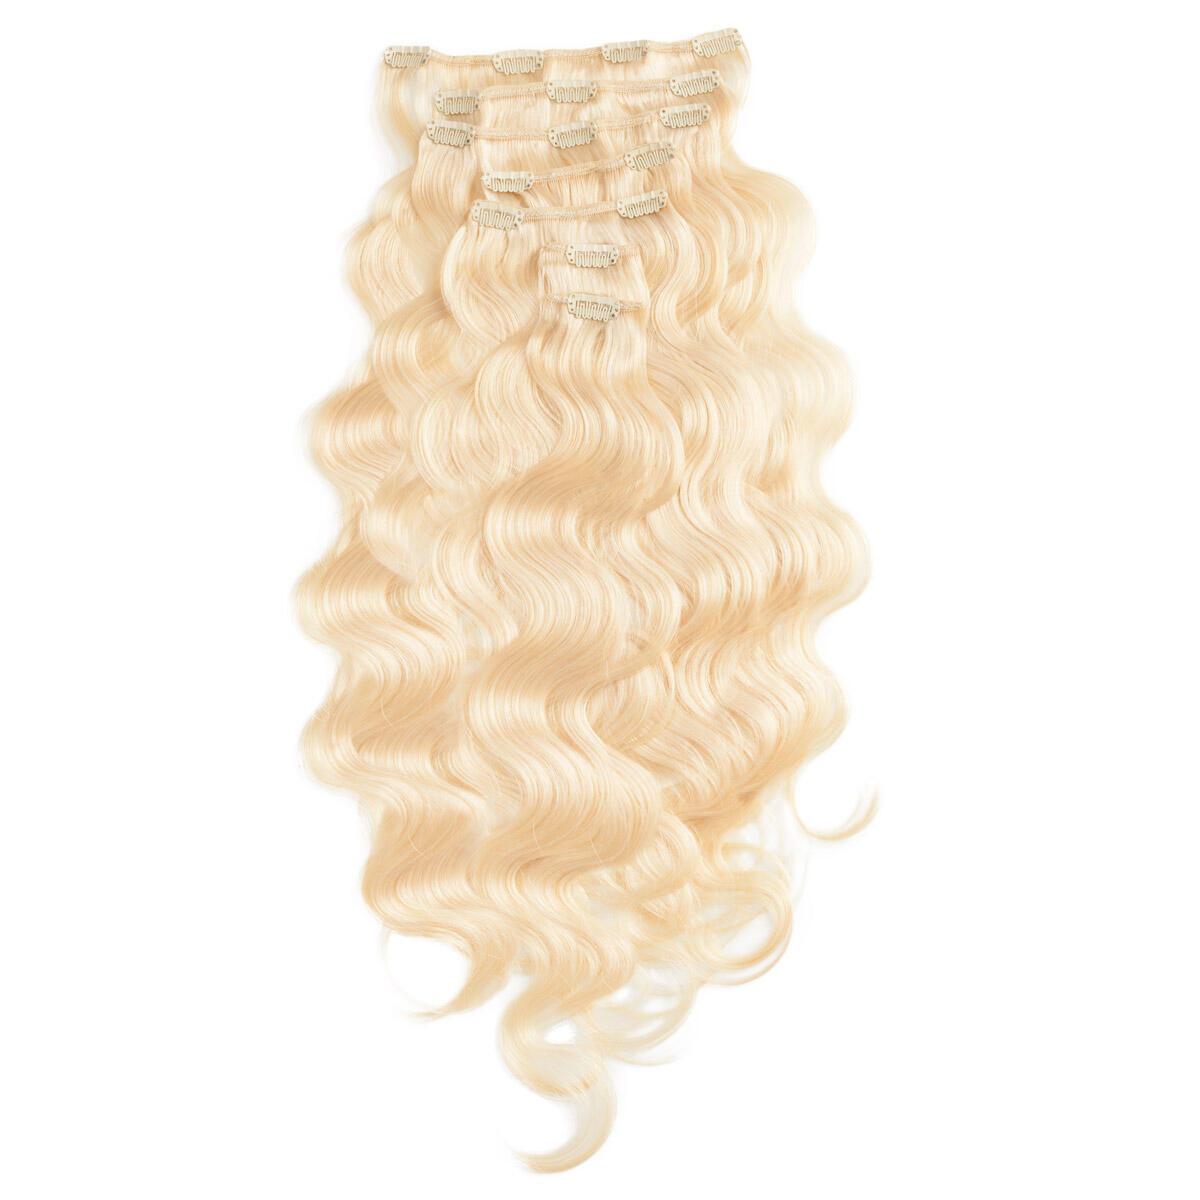 Clip-on set 8.0 Light Golden Blonde 60 cm